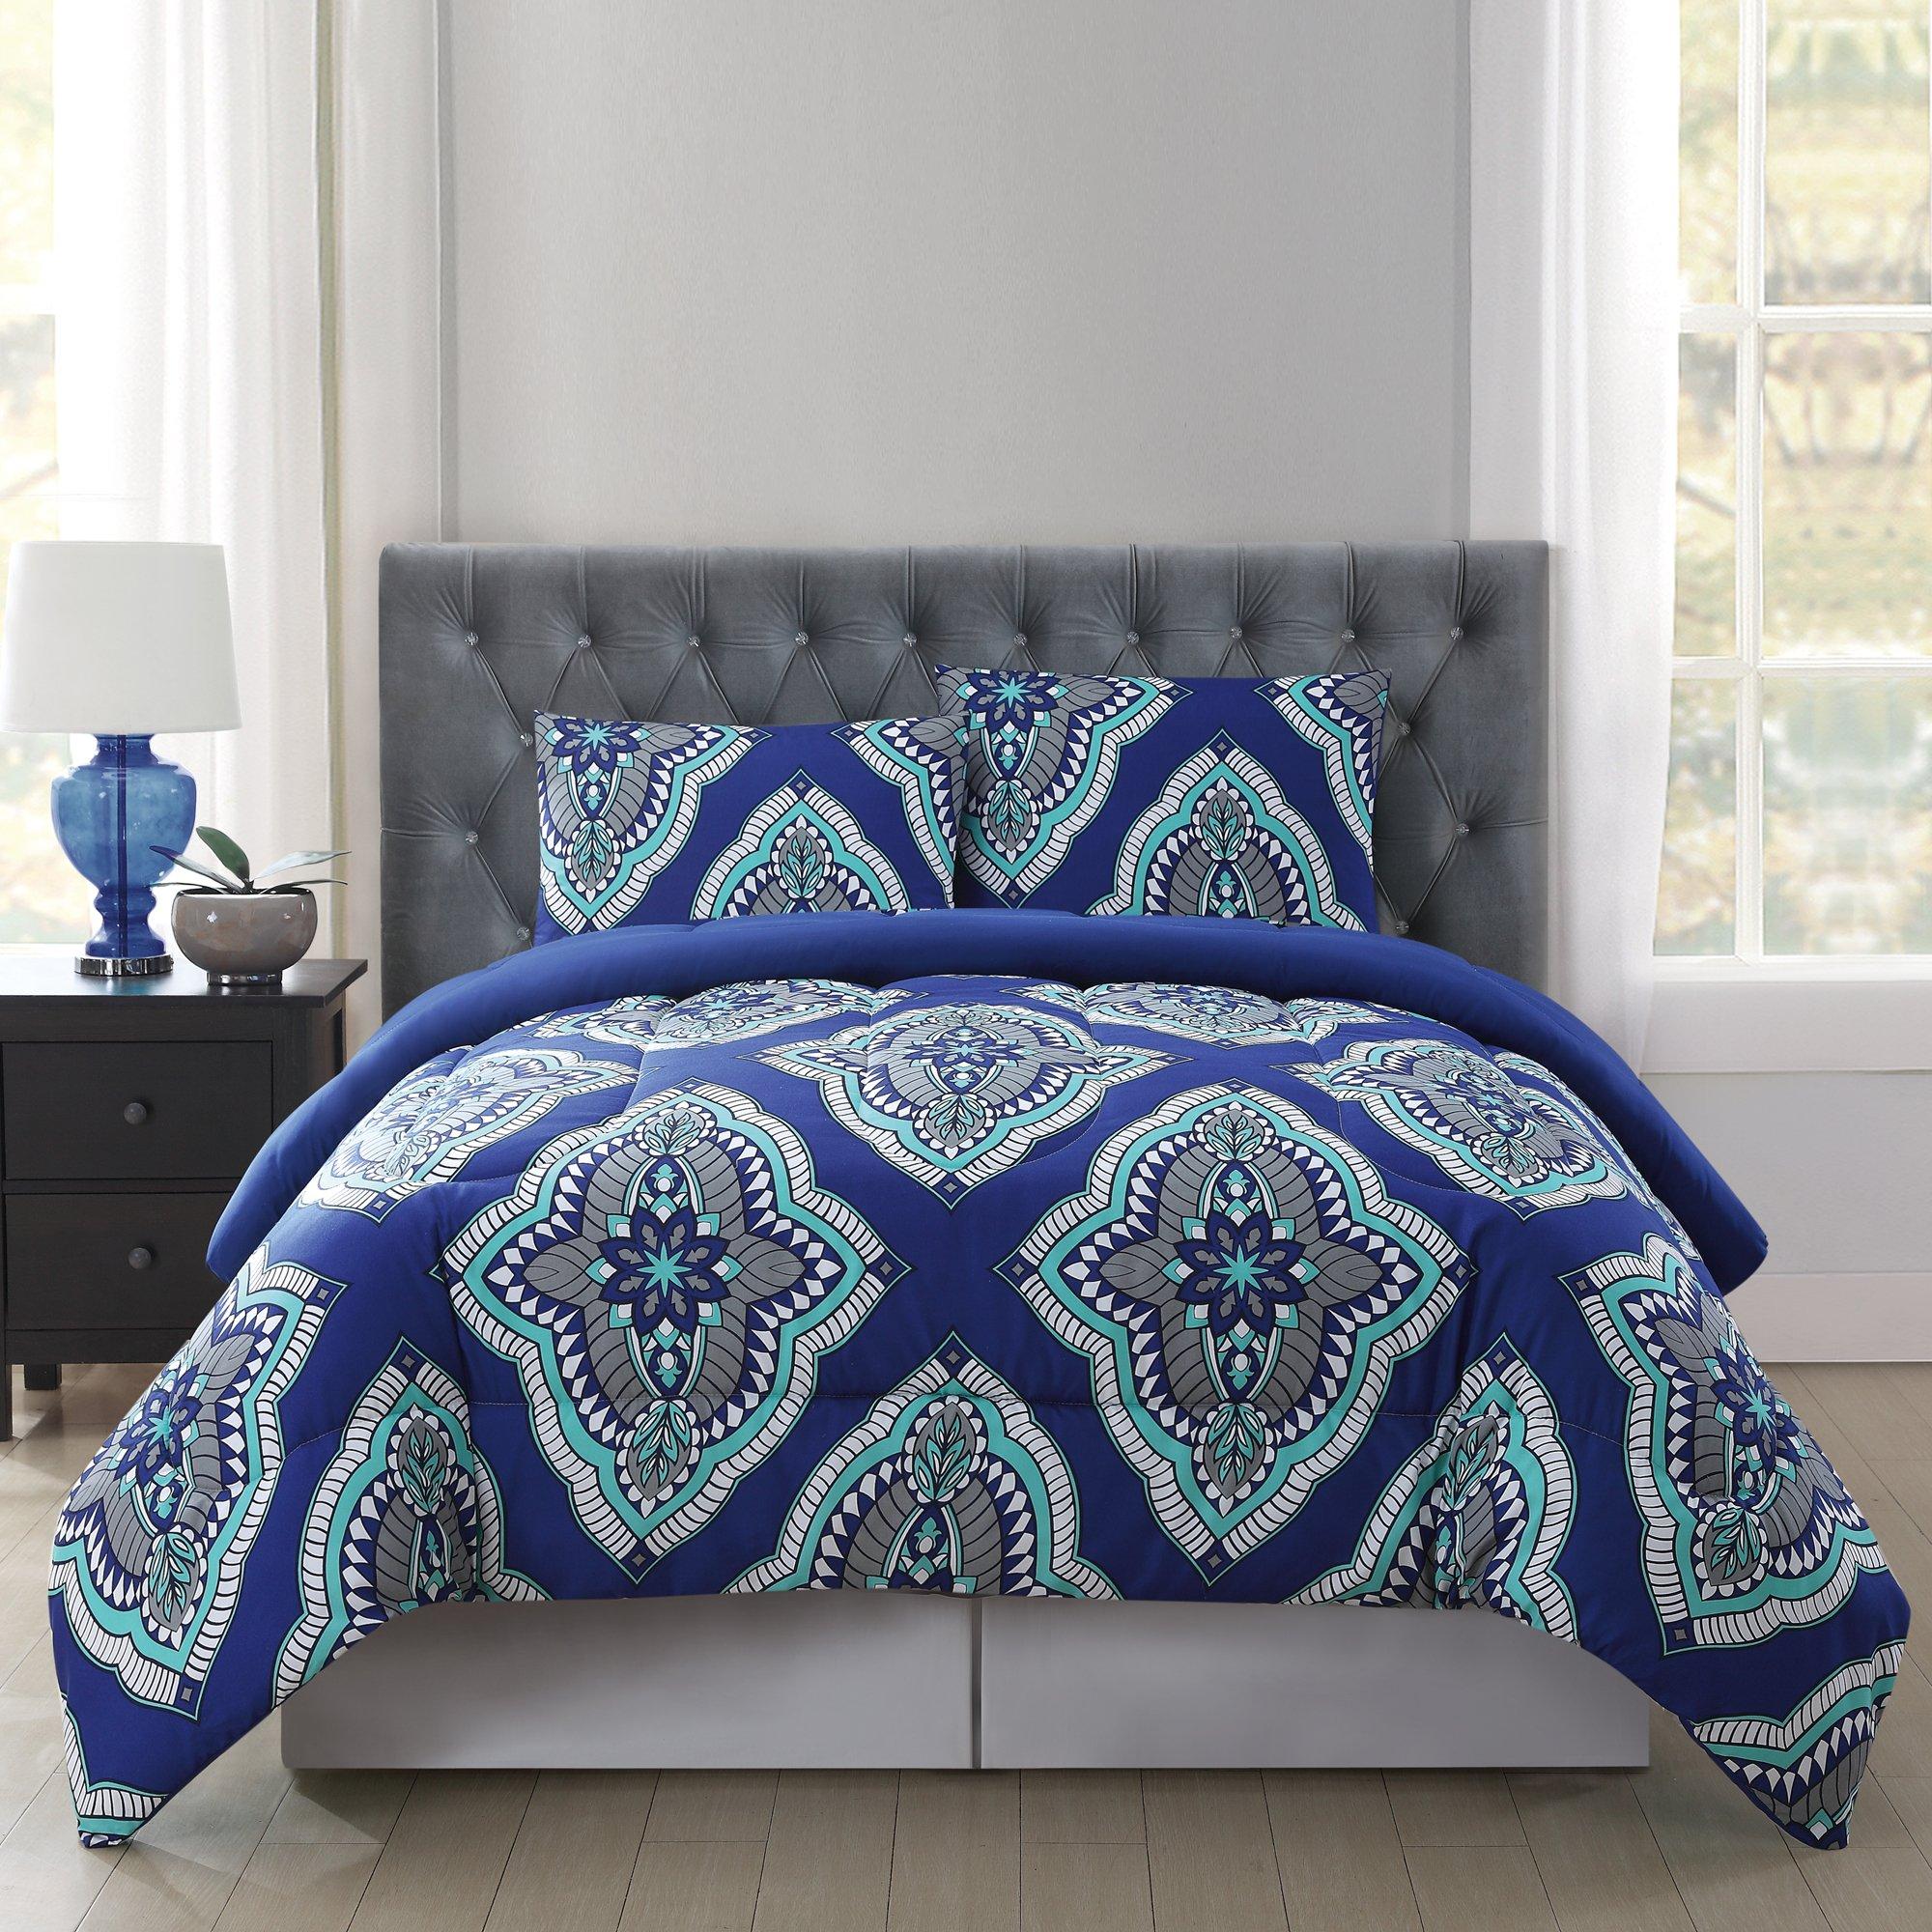 Truly Soft Everyday Design Comforter Set, King, Harper